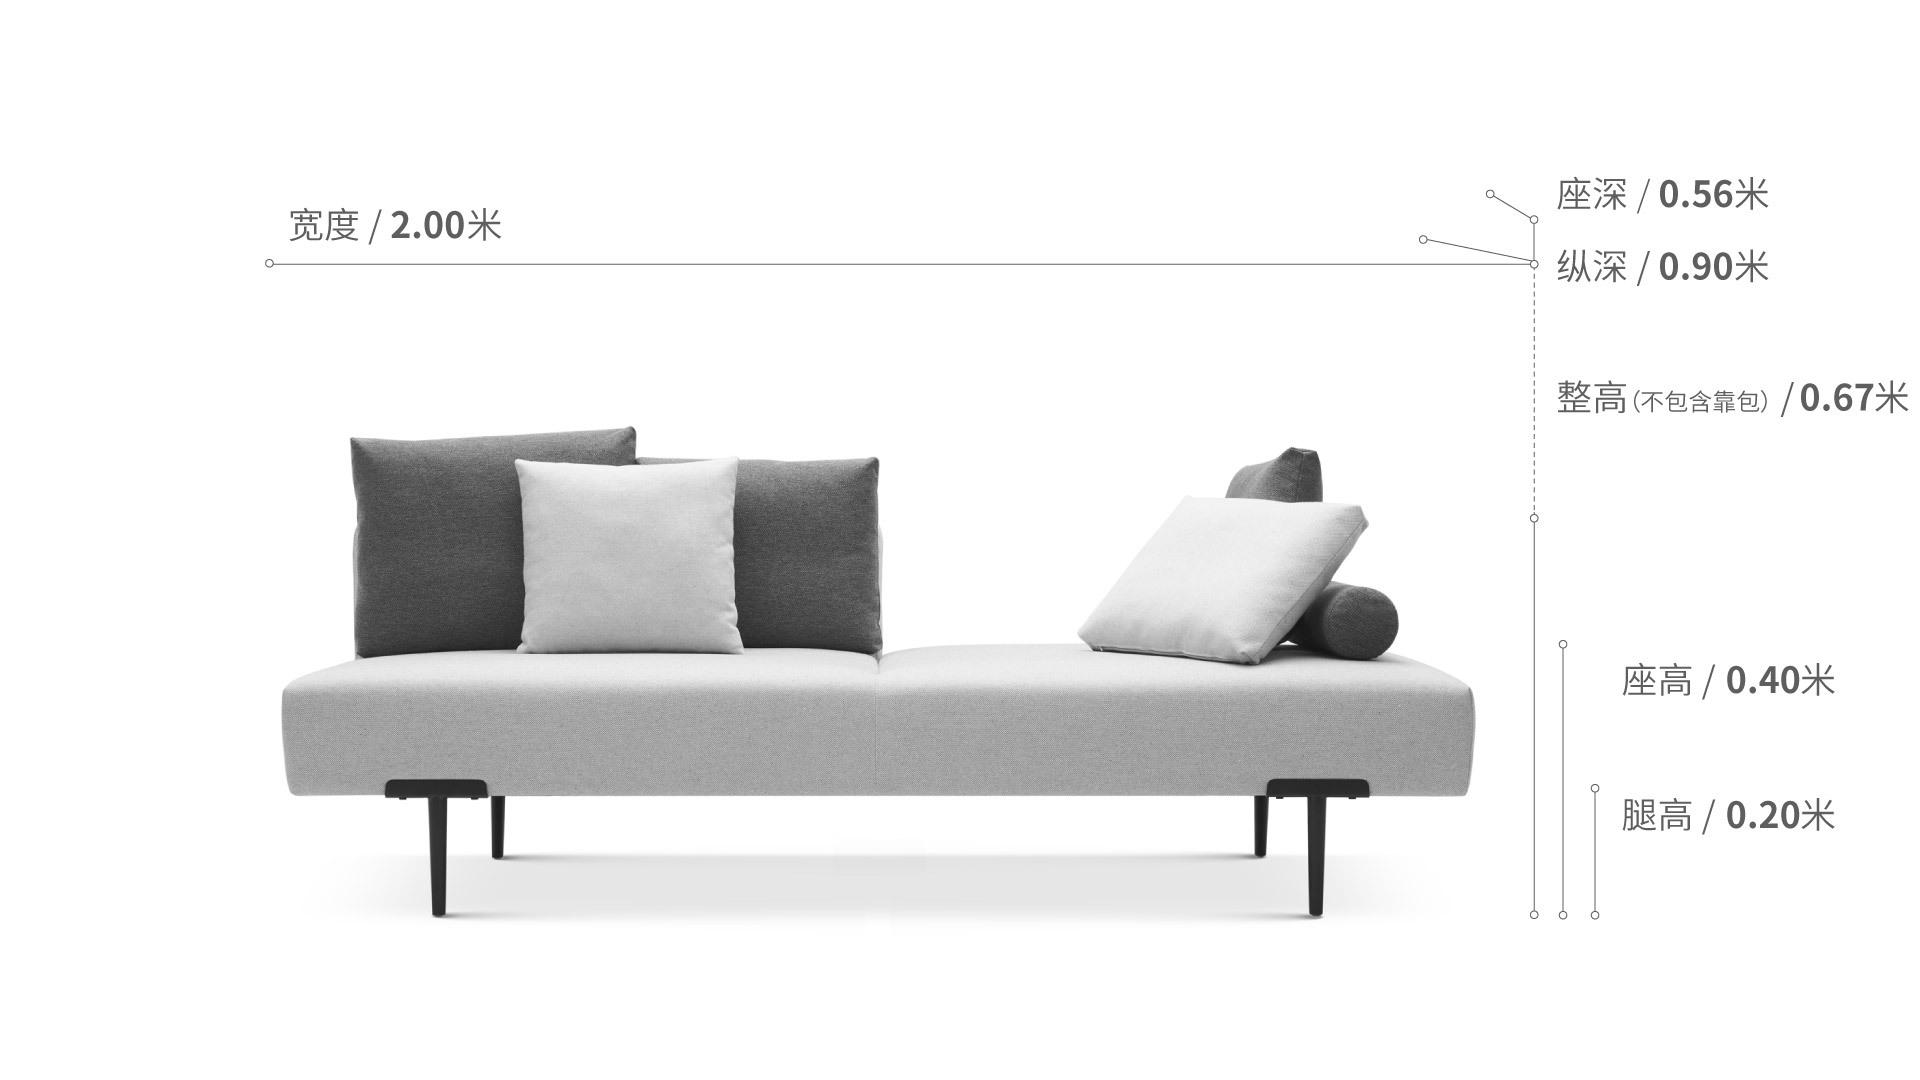 Sofa T三人座左靠背沙发效果图